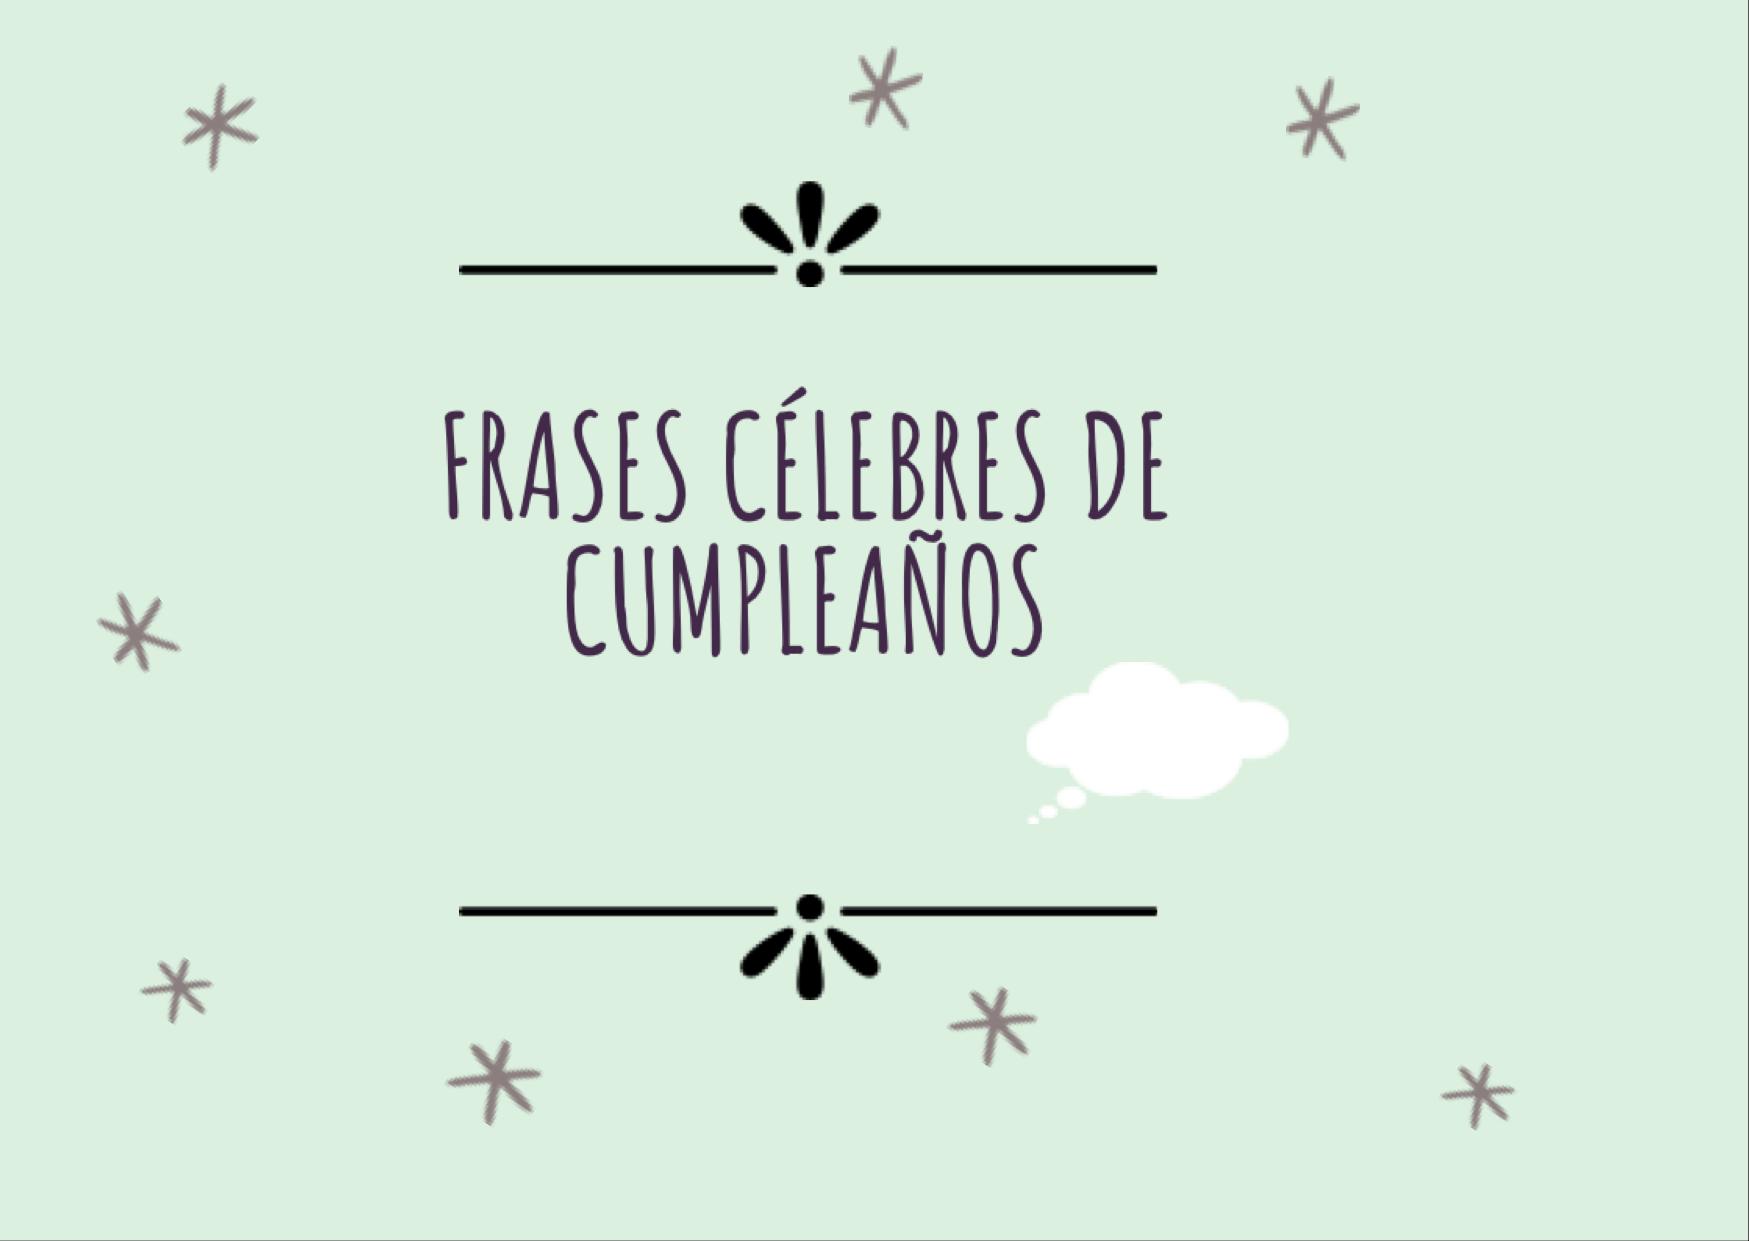 💫Frases célebres de cumpleaños